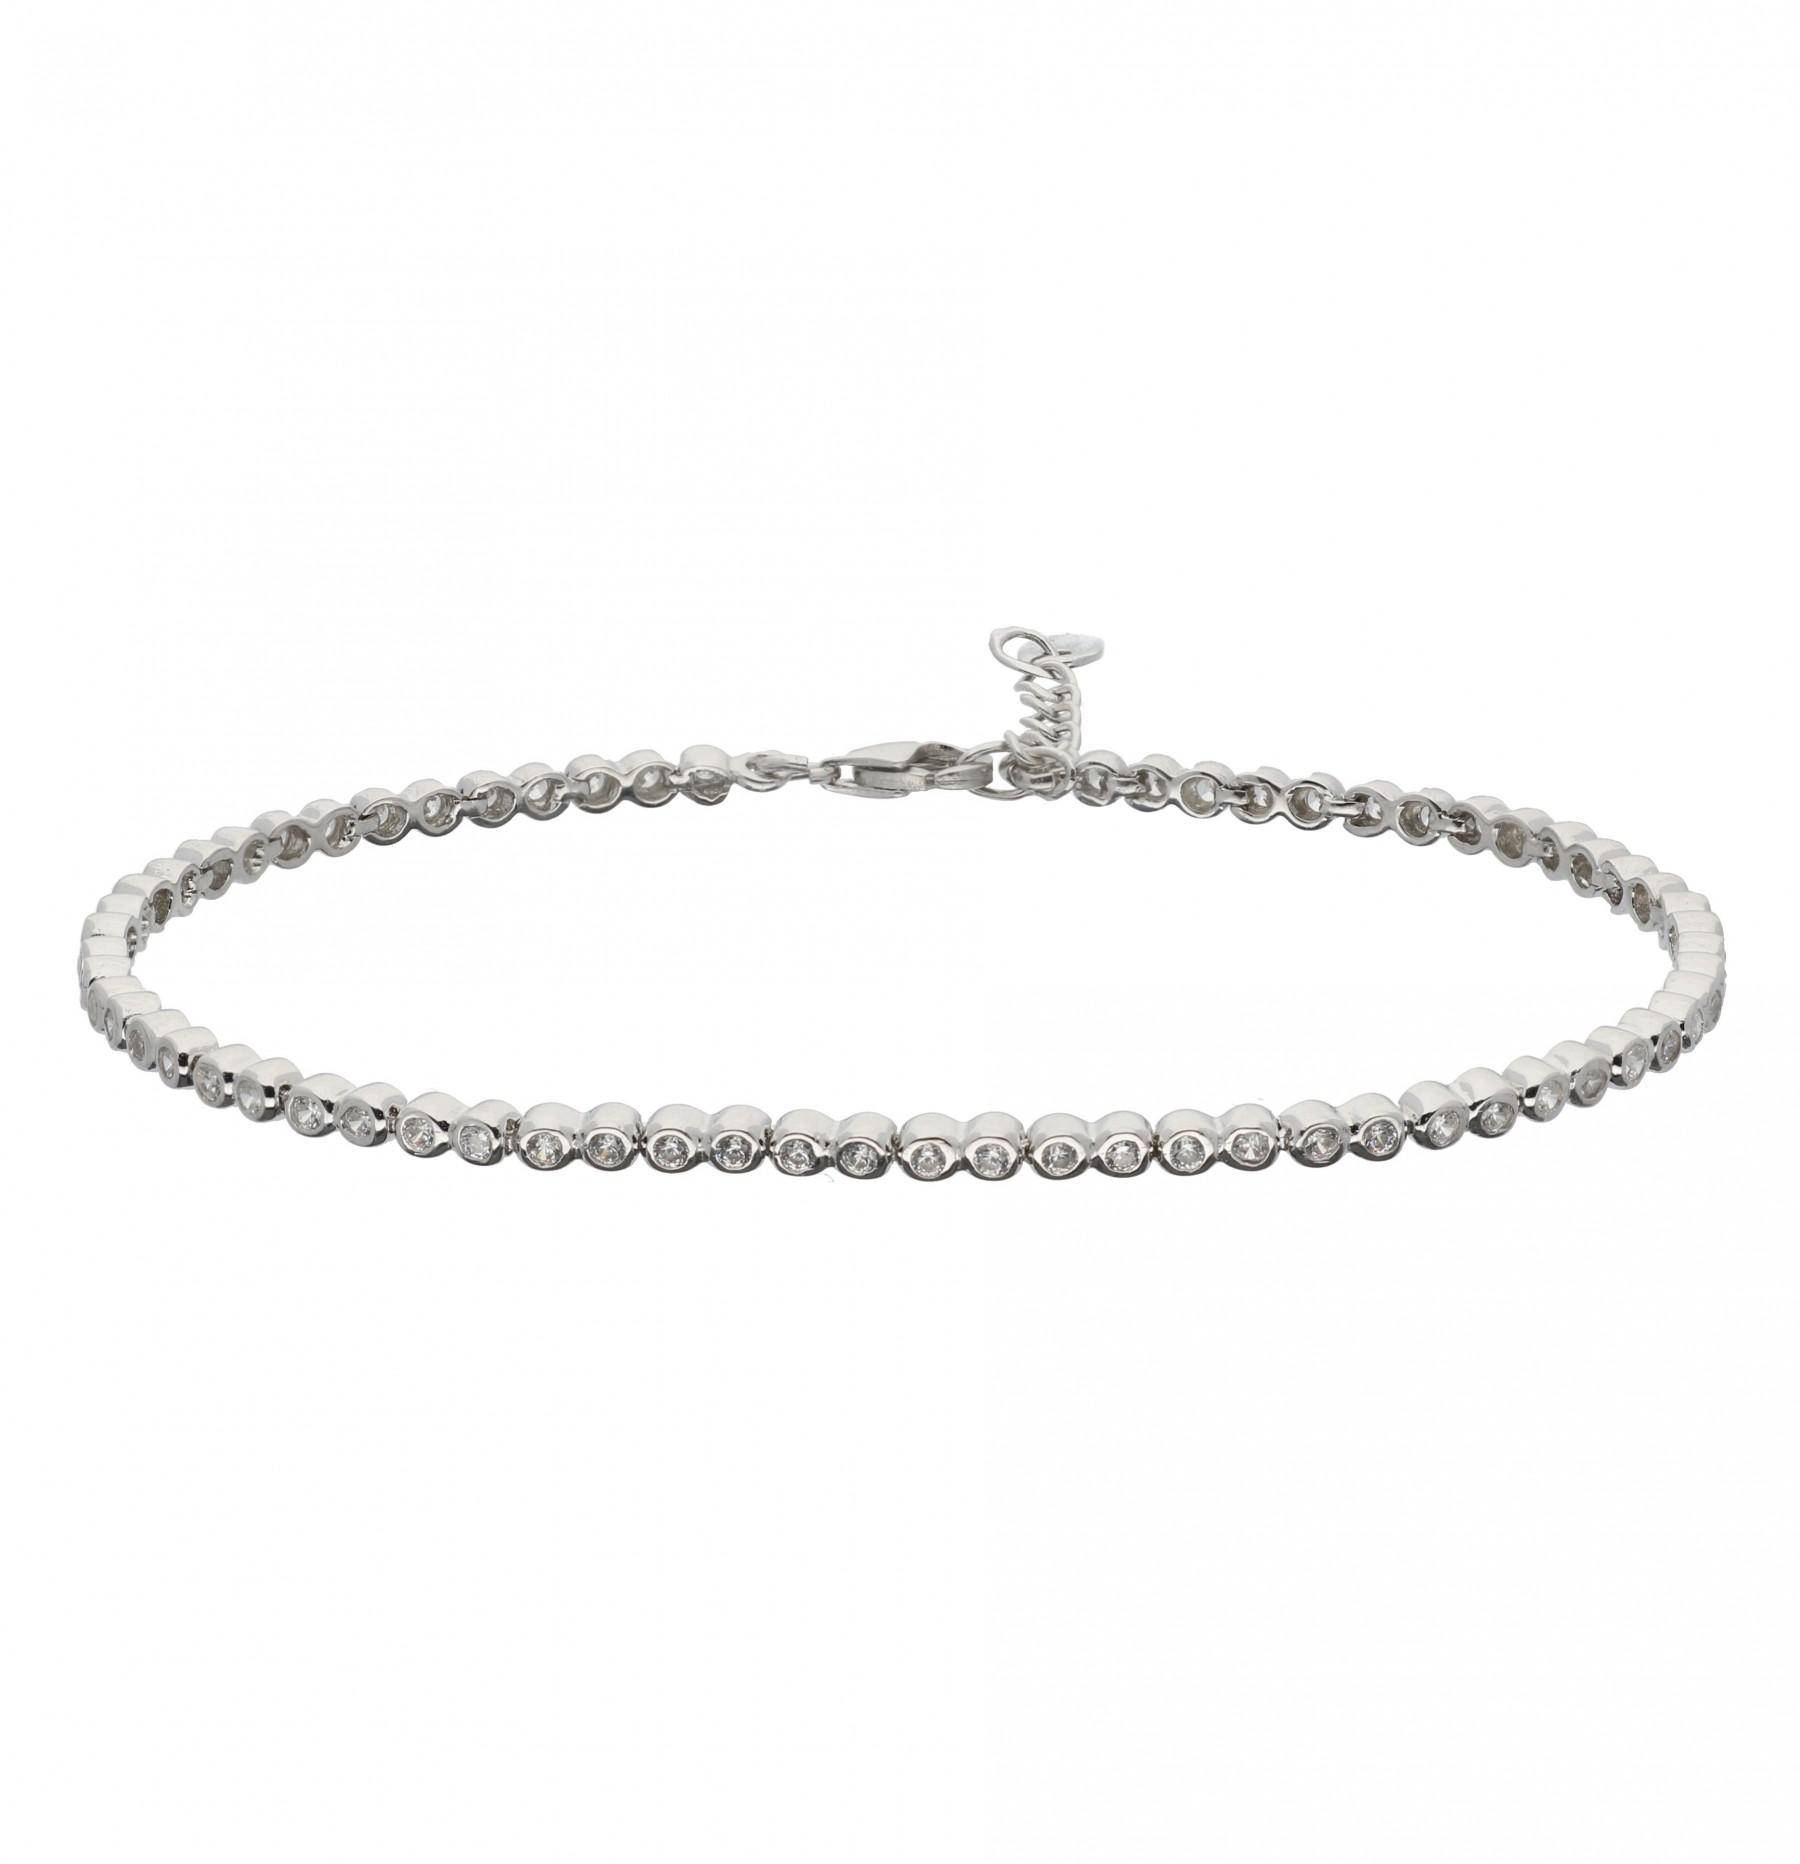 Zilveren tennisarmband Gerodineerd - zirkonia 2.5 mm - 18+2.5cm 104.2030.20